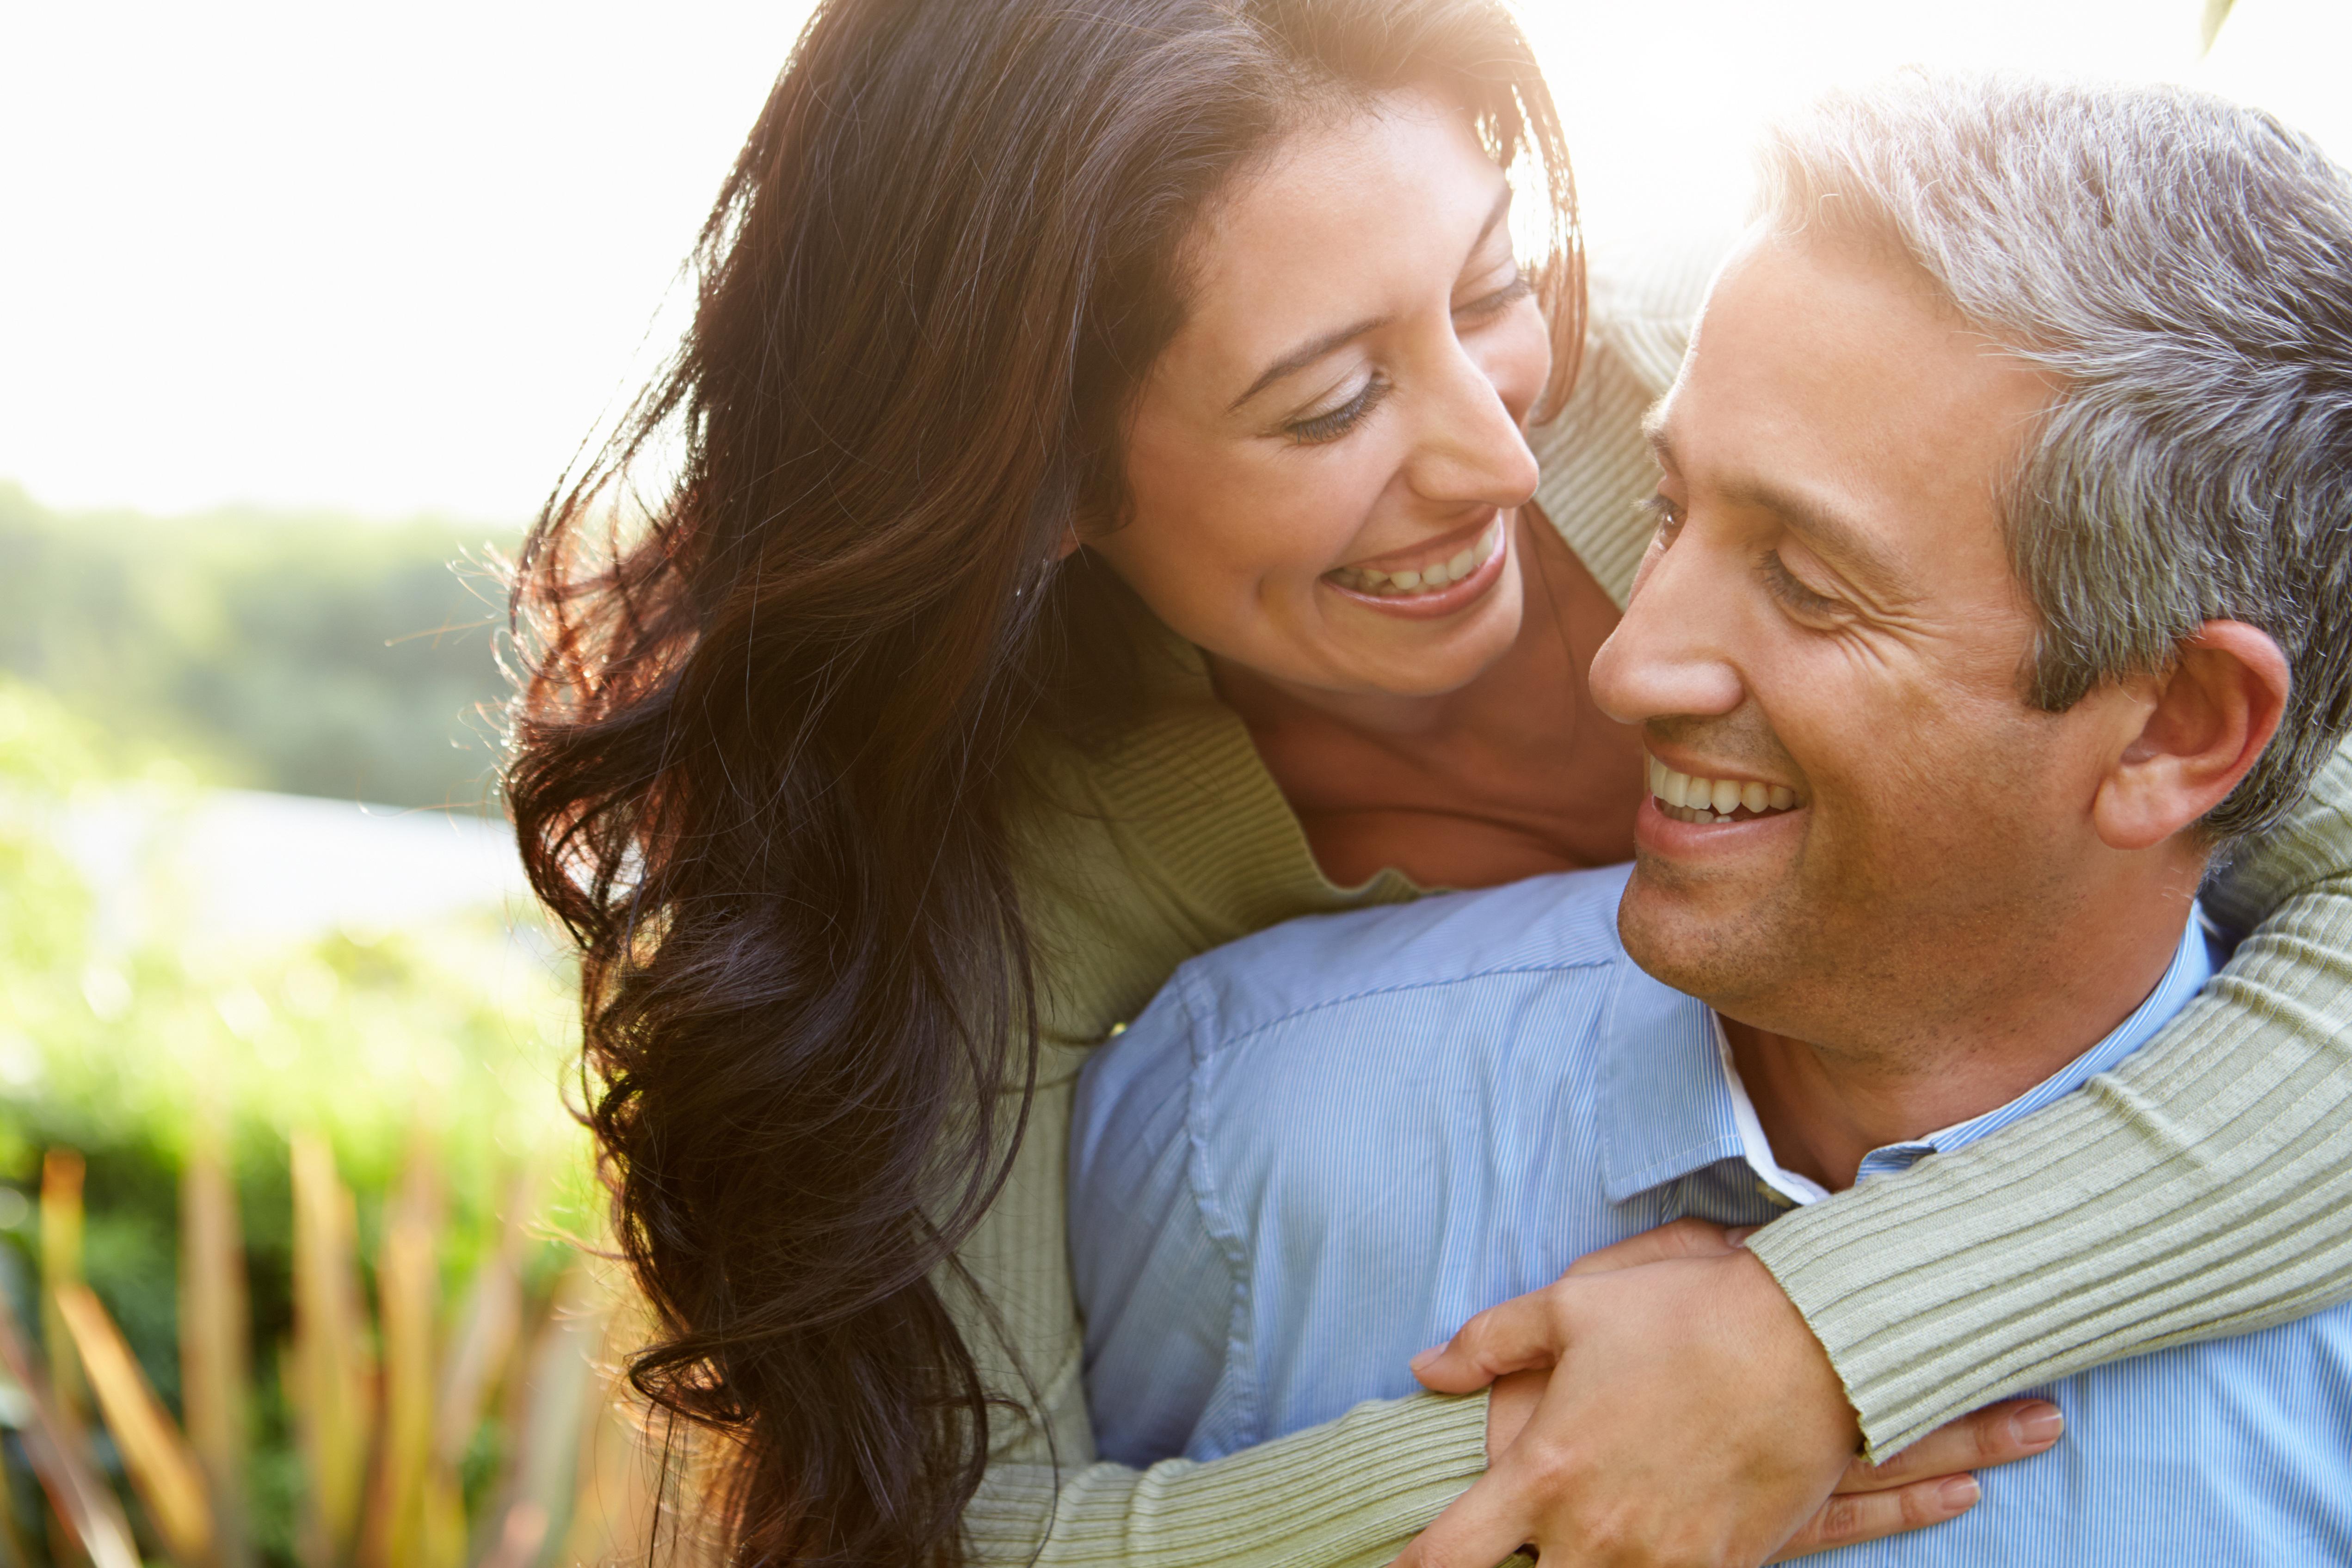 Matrimonio Eterno Biblia : El sufrimiento por amor en el matrimonio soldados de jesucristo